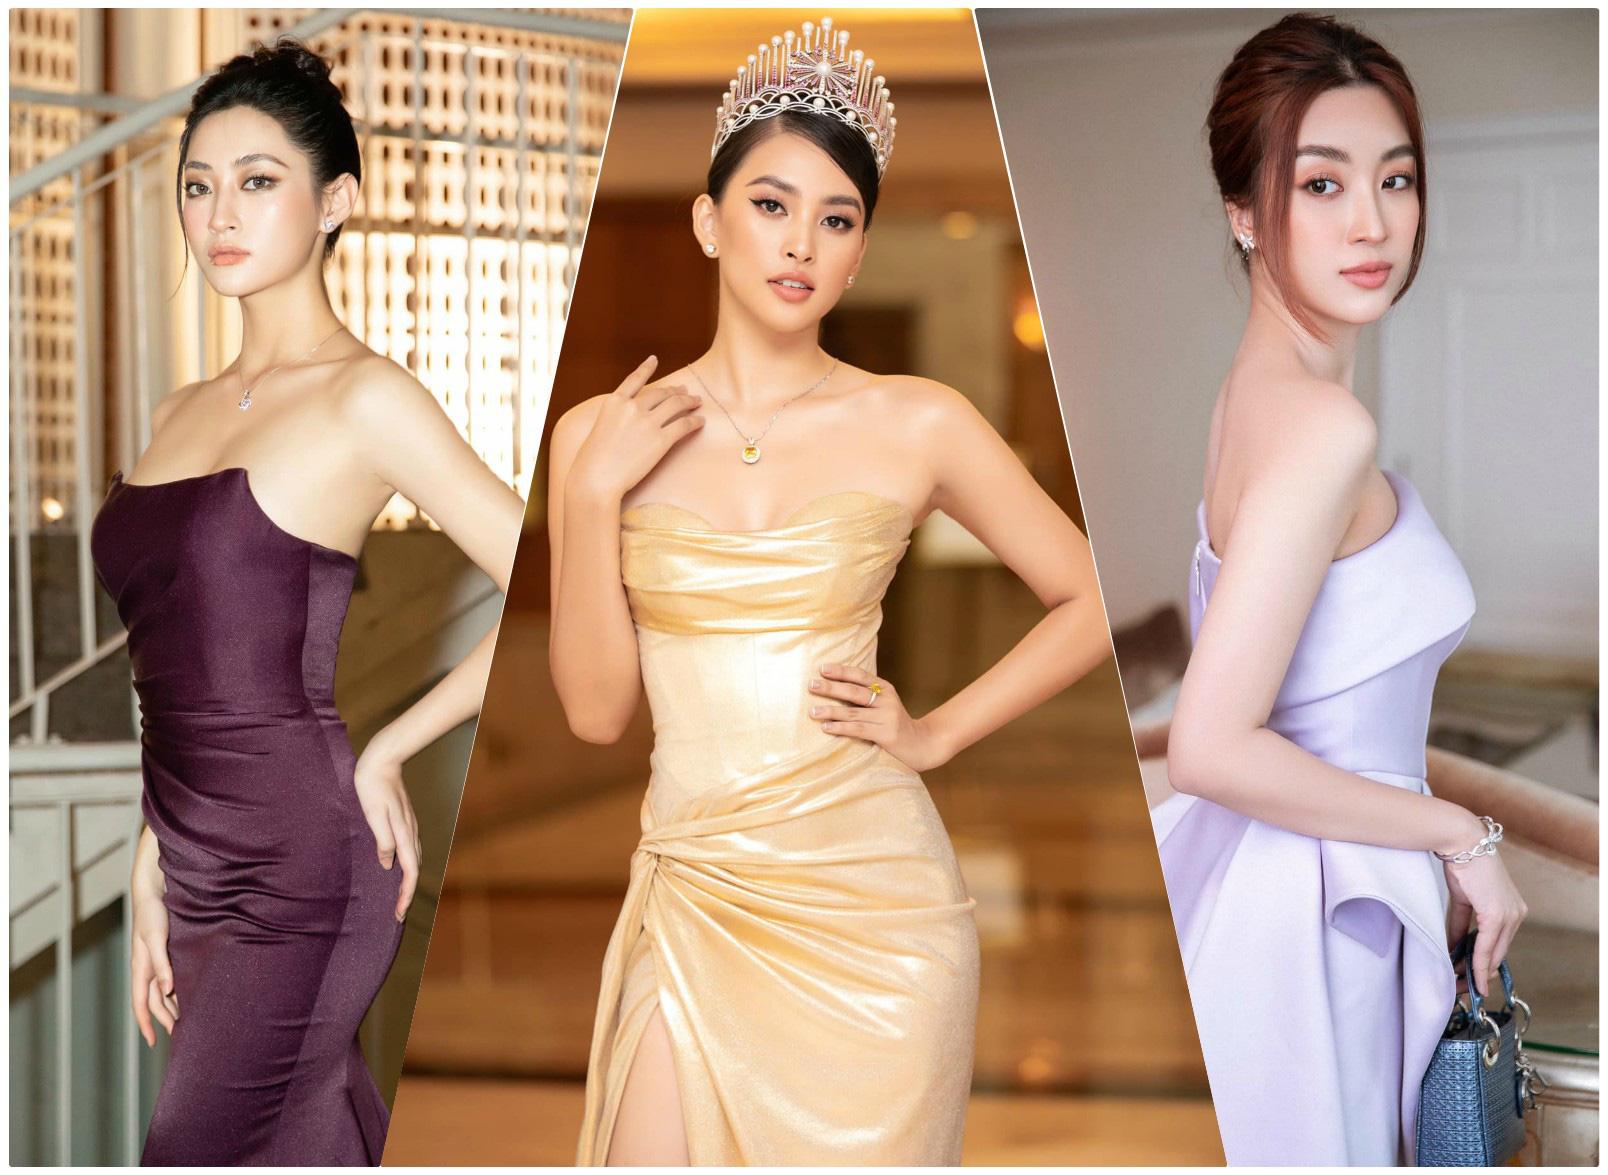 3 Hoa hậu xinh đẹp nói điều xúc động, kêu gọi cứu trợ miền Trung: Đỗ Mỹ Linh, Trần Tiểu Vy... - Ảnh 1.